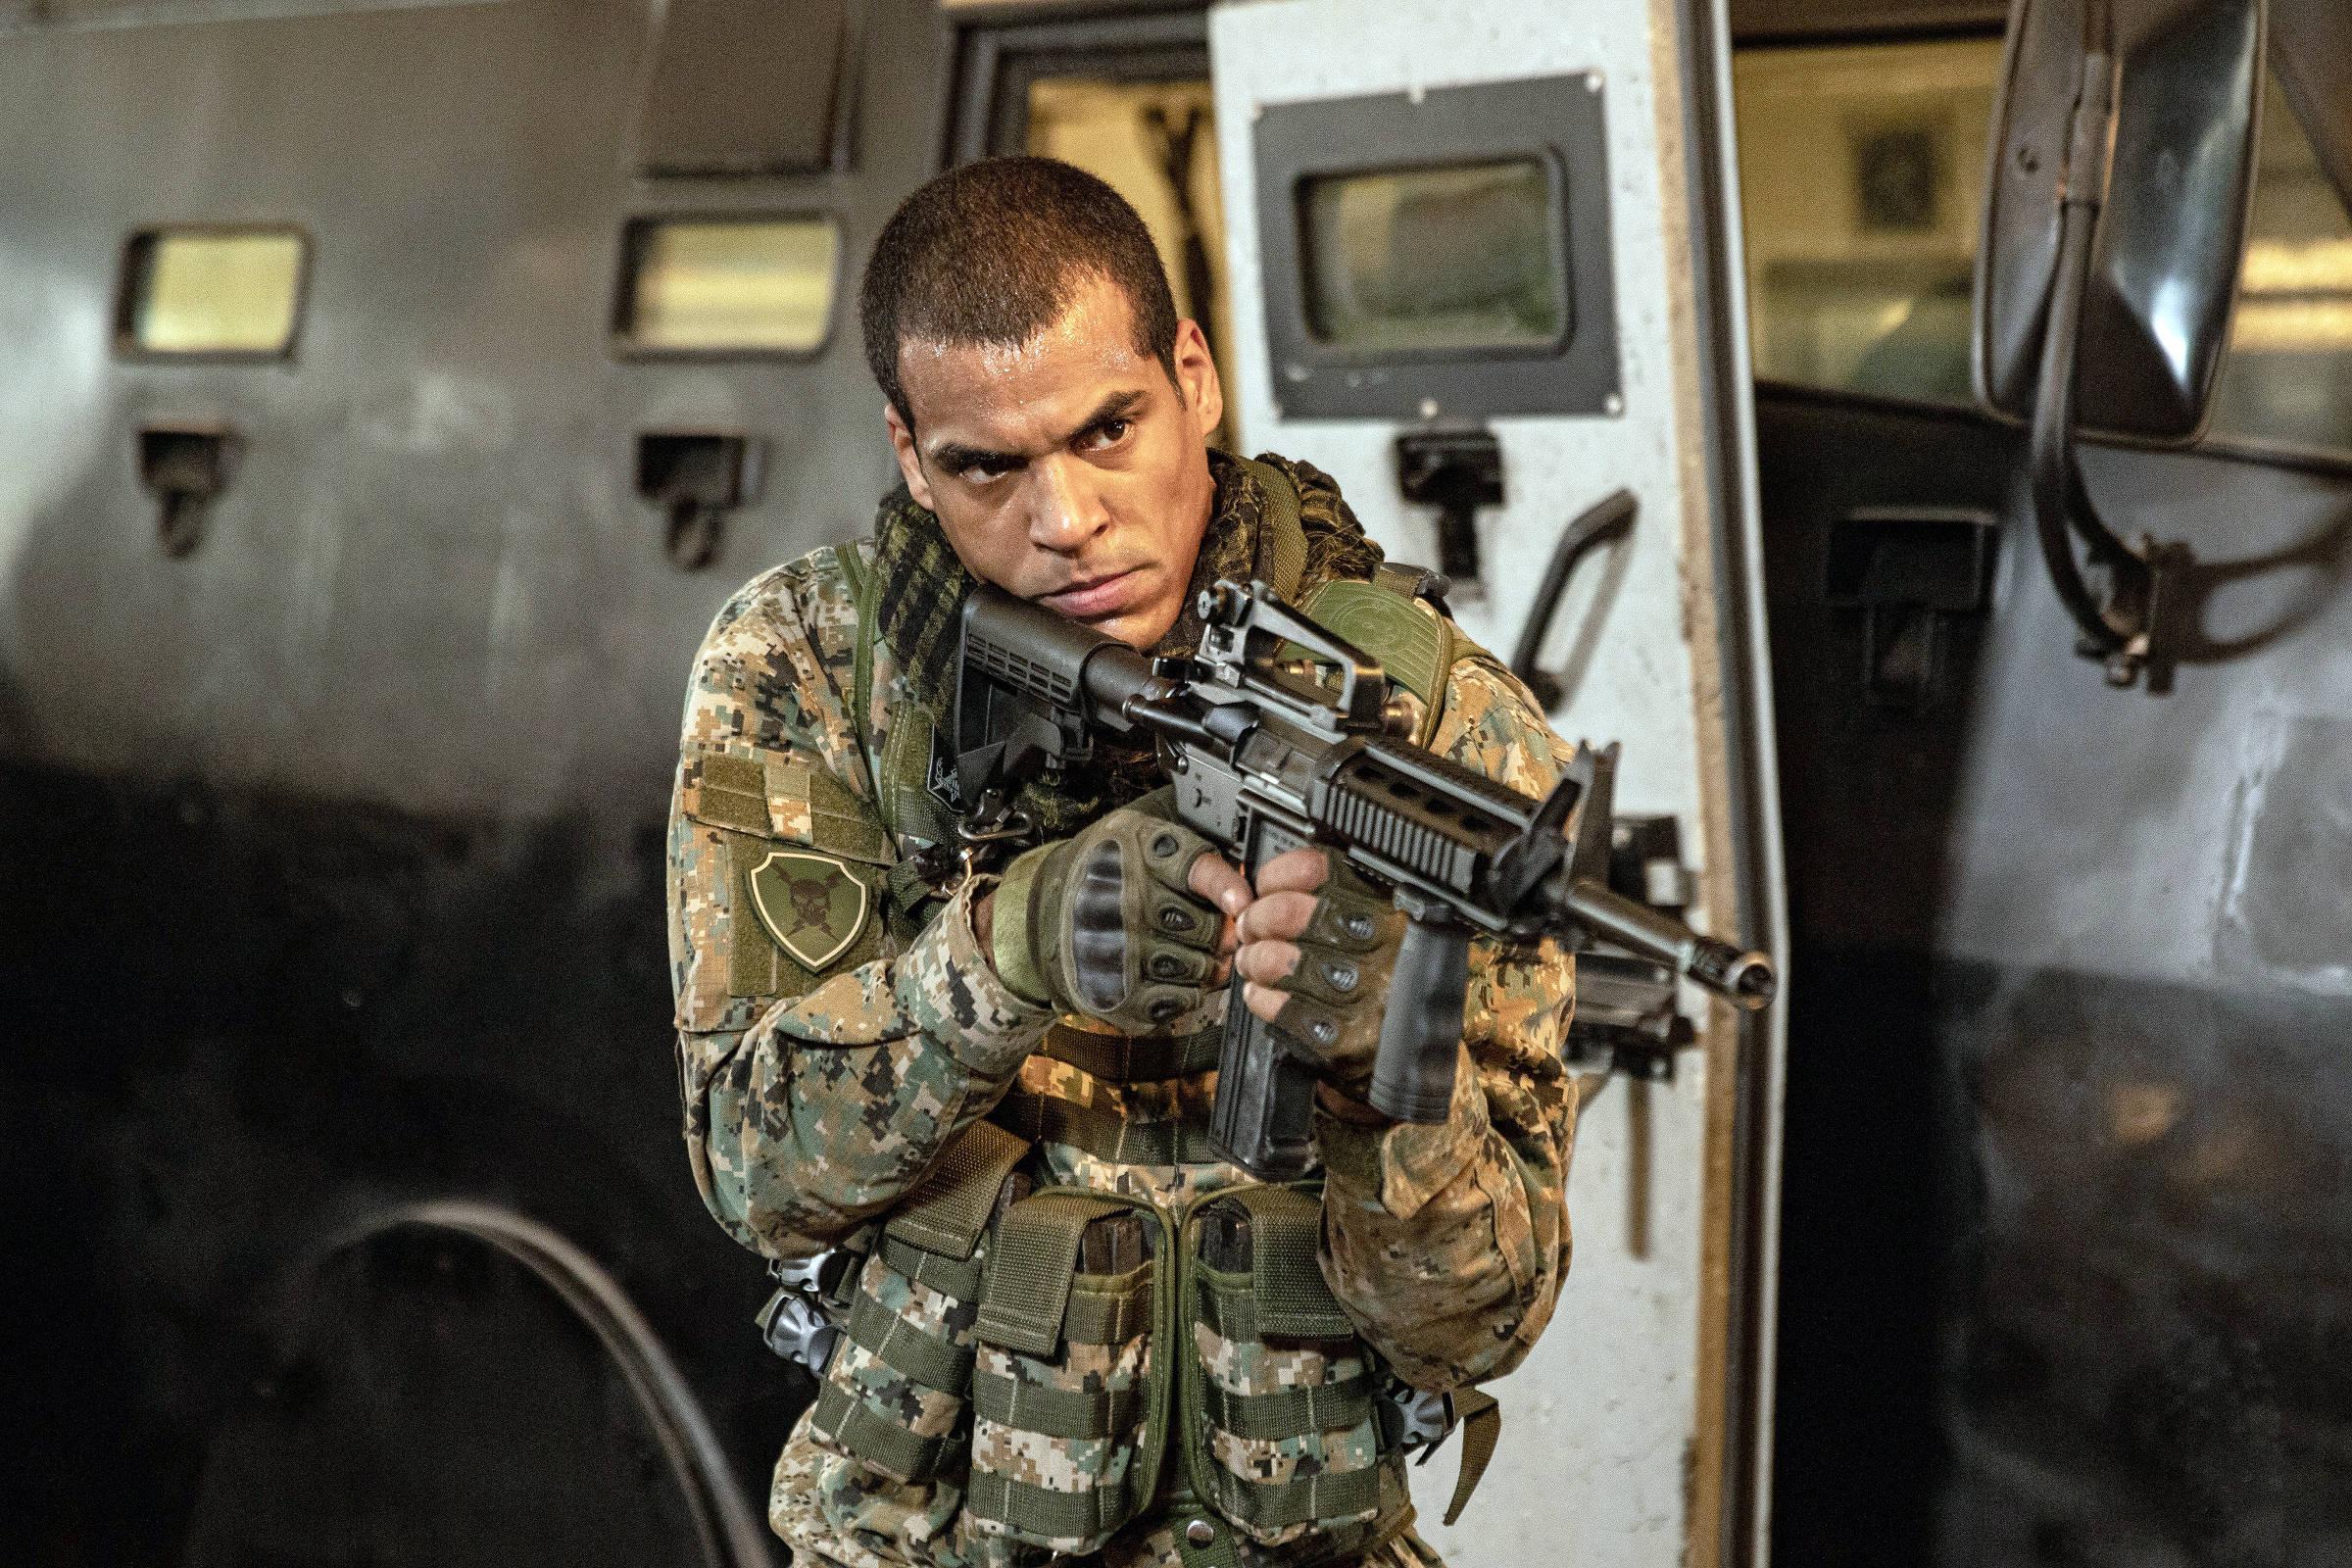 Cena da série Arcanjo Renegado. A imagem mostra o personagem Mikhael, interpretado pelo ator Marcelo Mello Jr., na frente de um carro forte arma e vestido com um uniforme do excército. O personagem tem a pele negra clara, cabelos raspados e olha com uma expressão séria e concentrada para fora da imagem, mirando a arma.